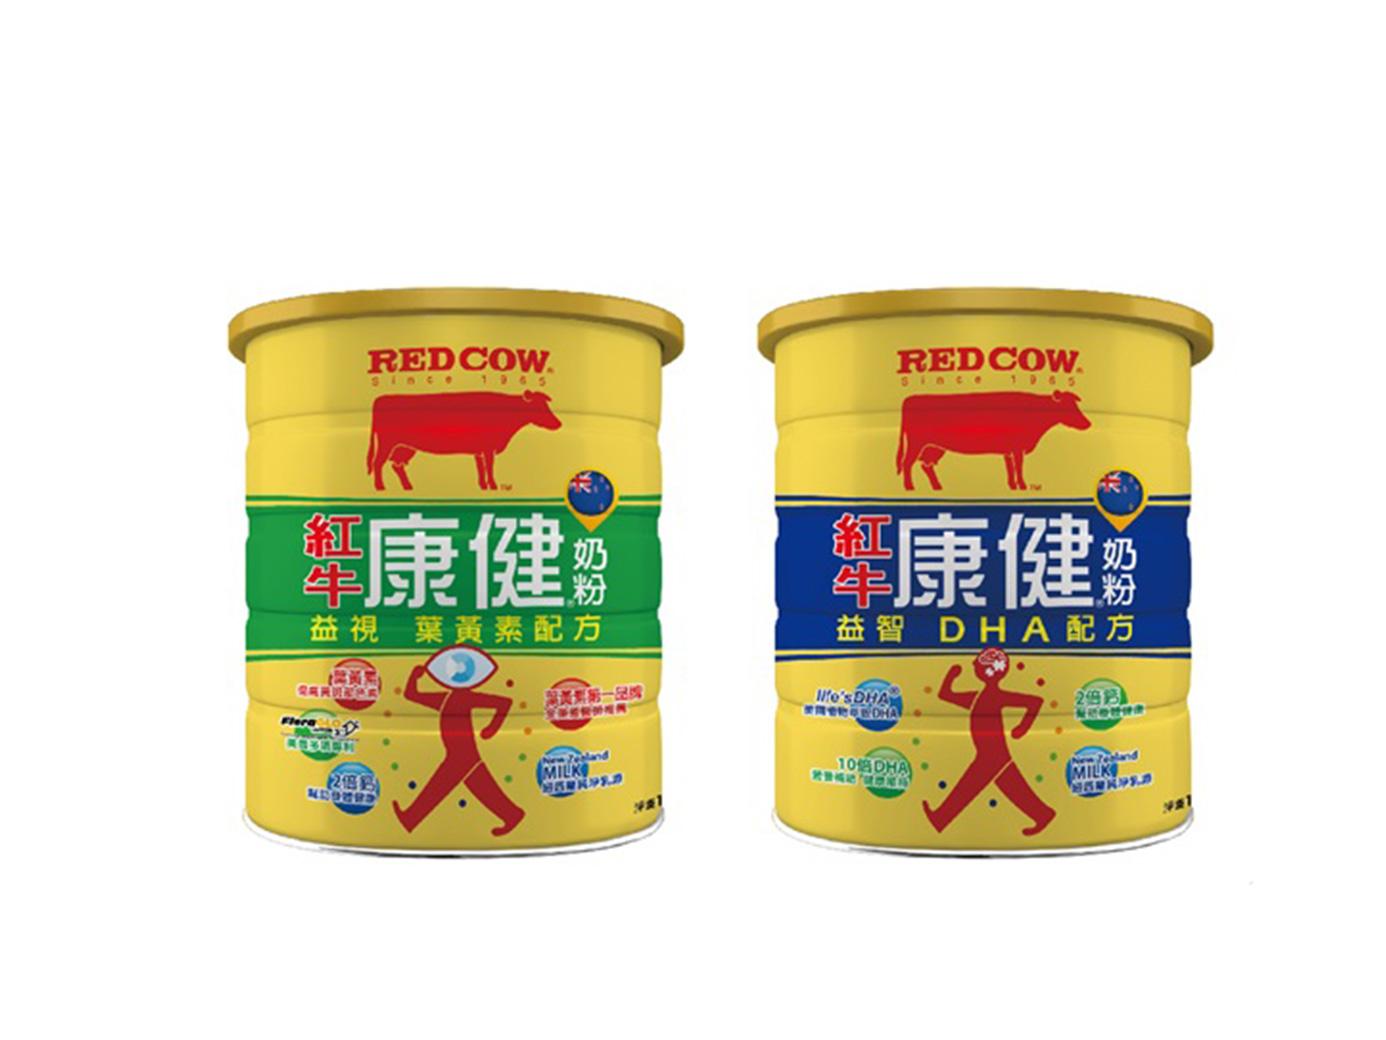 紅牛康健奶粉-益視葉黃素/益智DHA配方 讓您輕鬆獲取營養補給